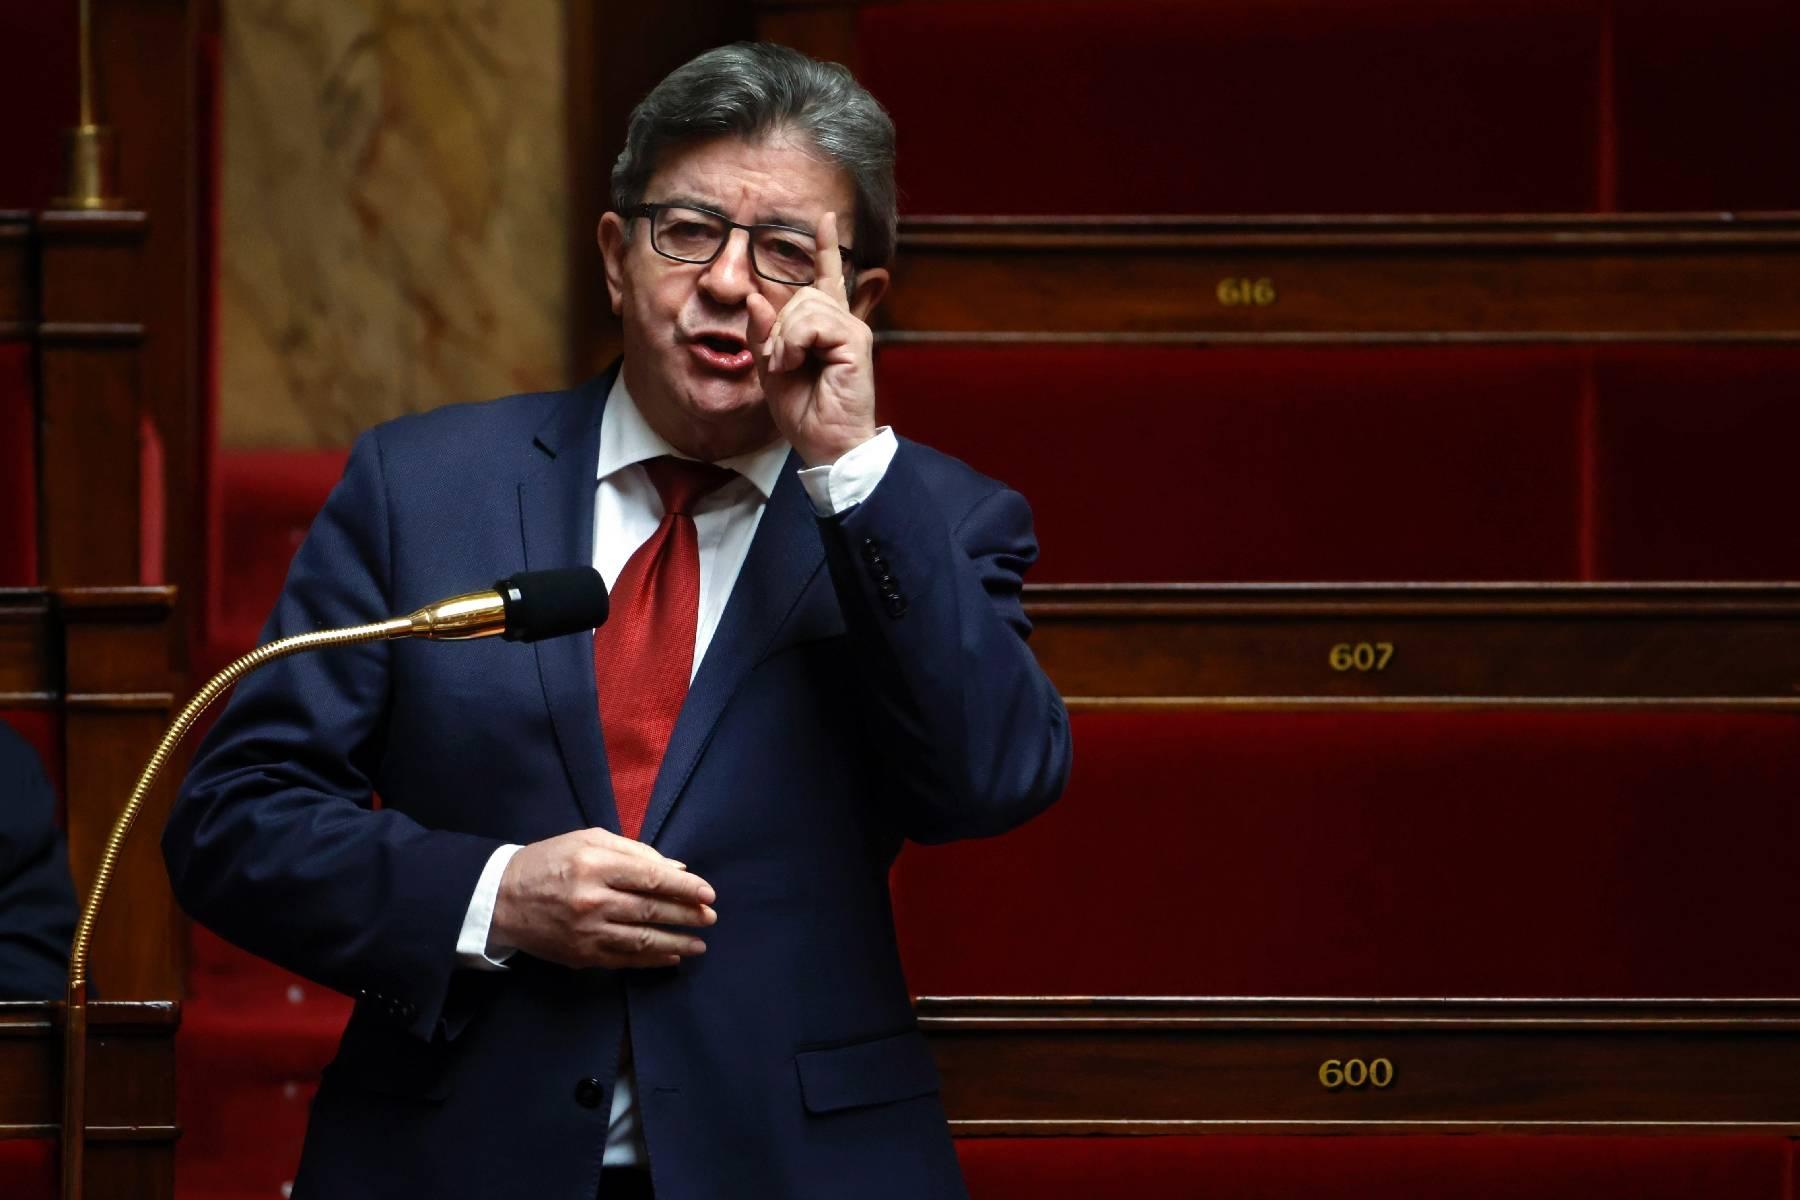 Le Tangérois (Tanjaoui) de l'Assemblée Nationale française souligne une nouvelle fois la réaction r